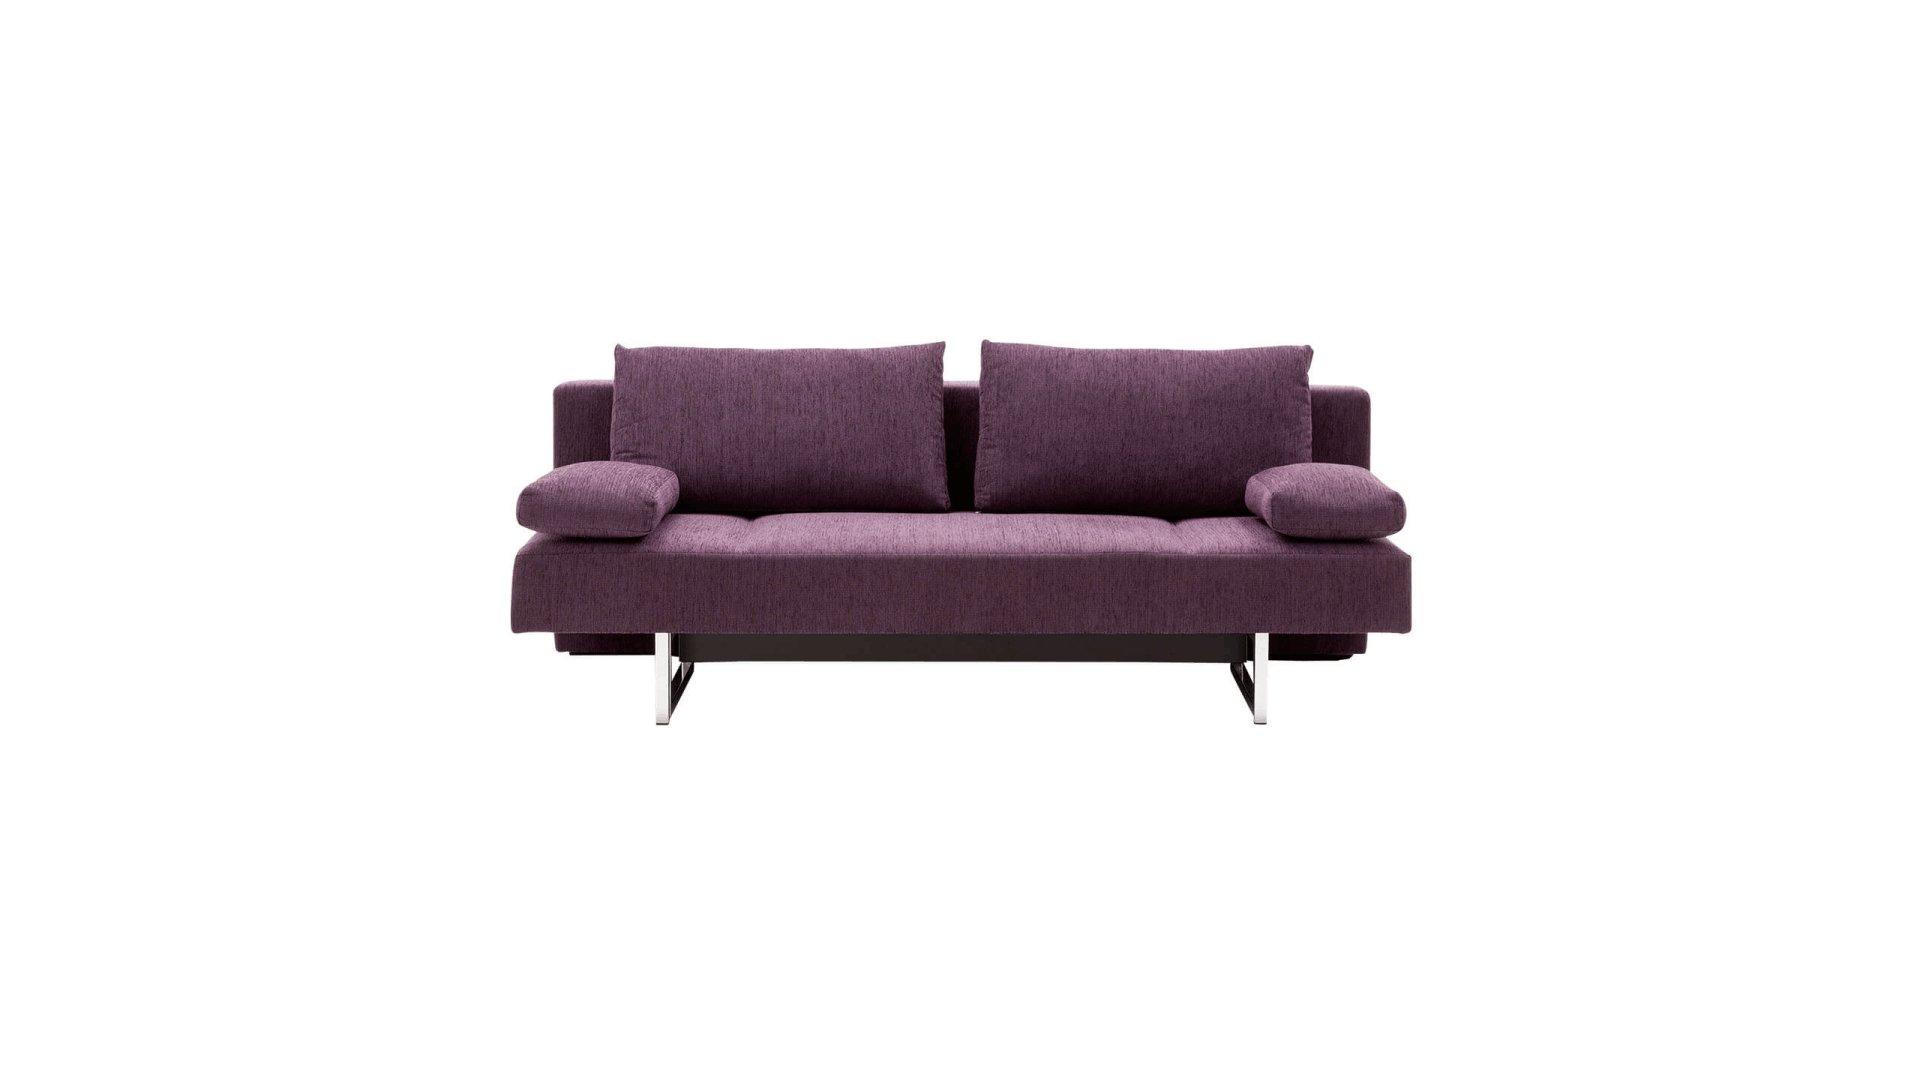 franz fertig home style. Black Bedroom Furniture Sets. Home Design Ideas